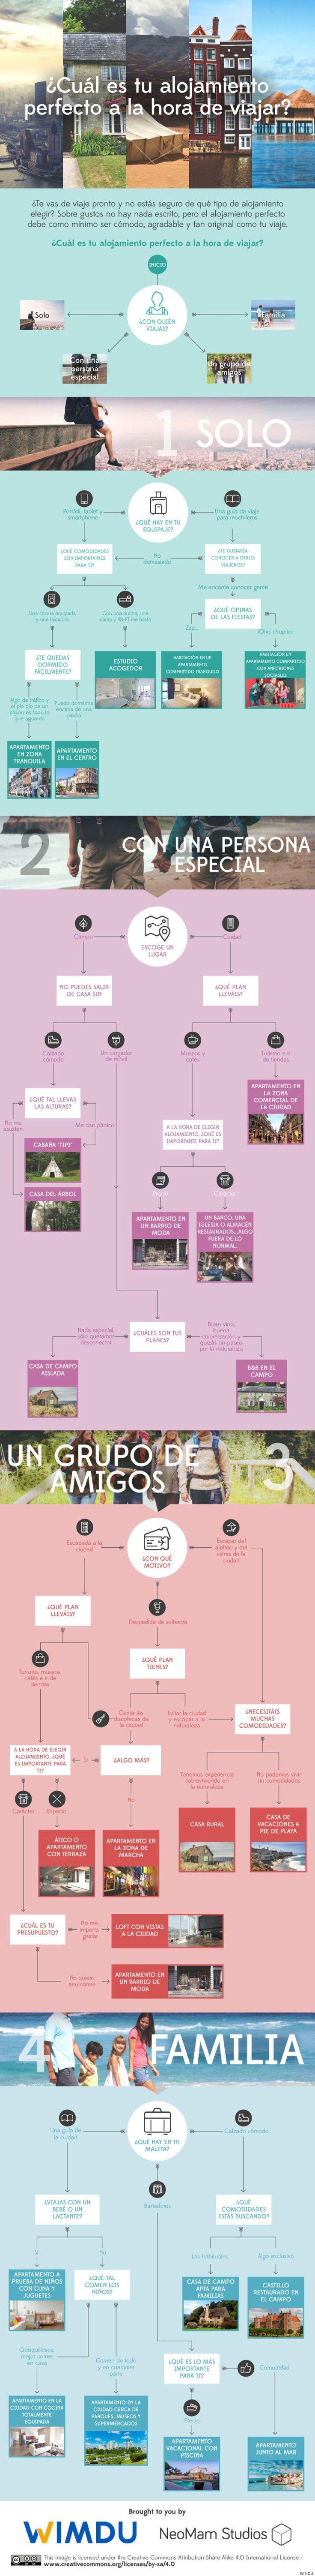 Cómo elegir tu alojamiento perfecto a la hora de viajar (INFOGRAFÍA)